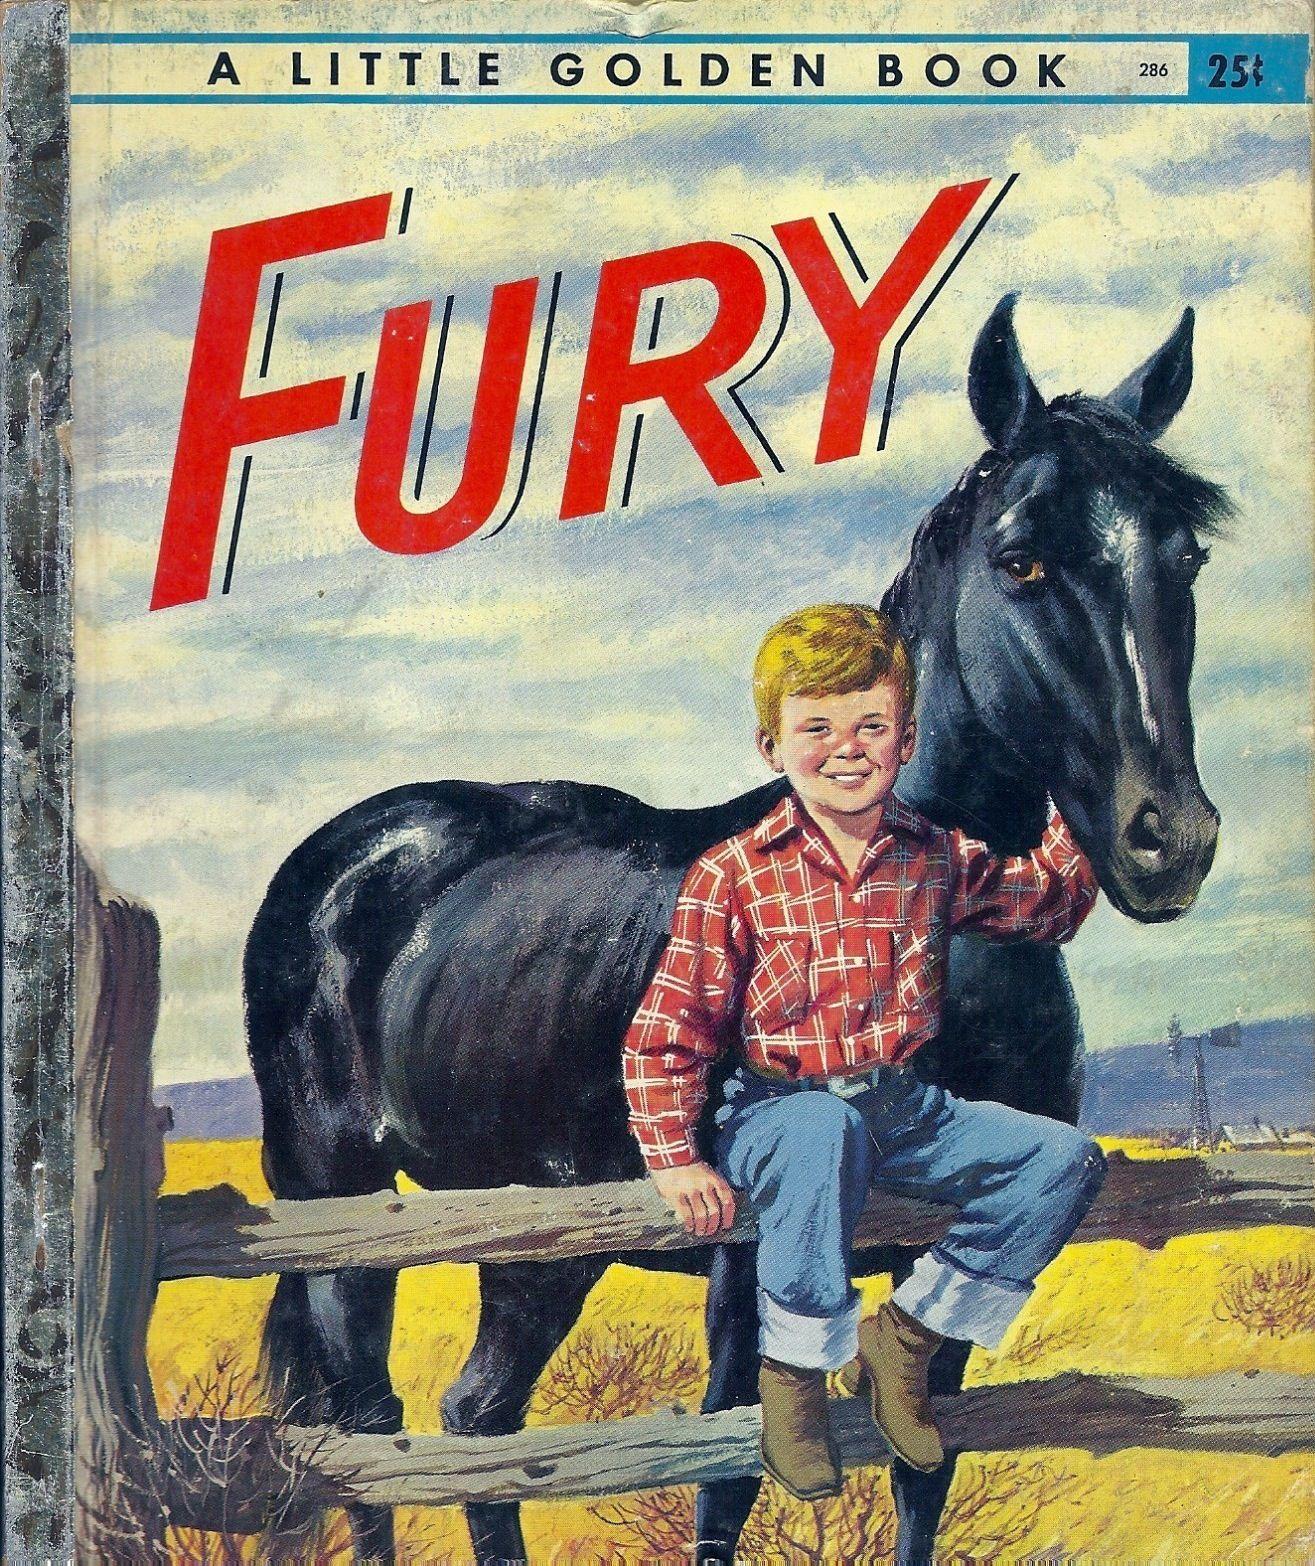 A Little Golden Book - Fury 1957